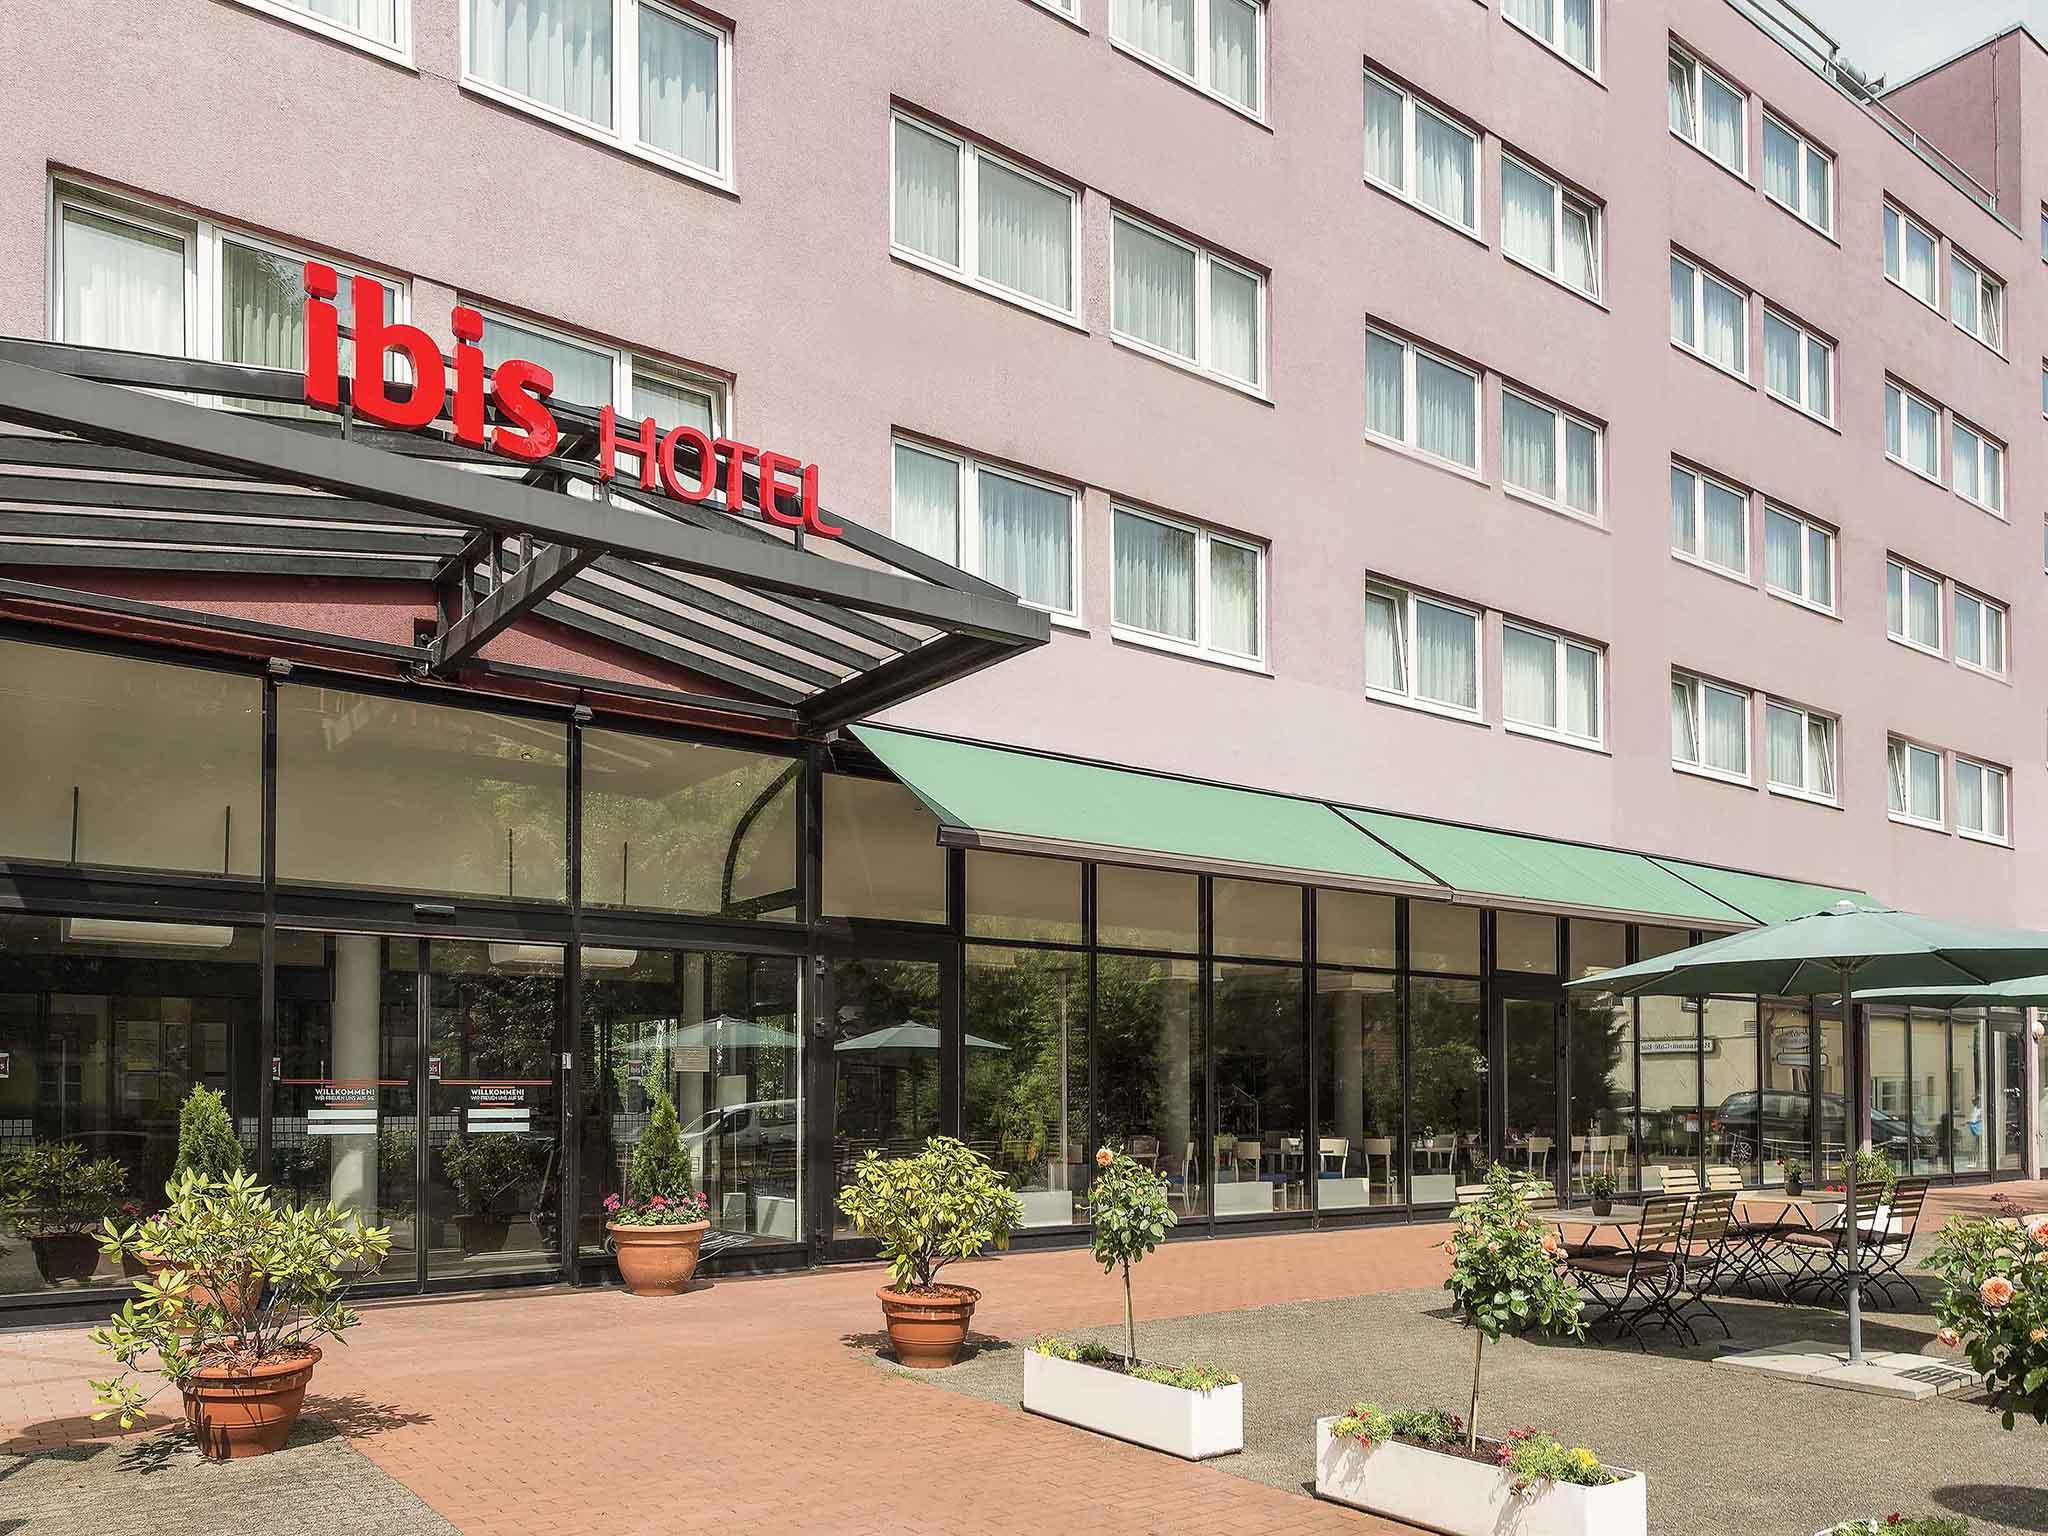 فندق - إيبيس ibis برلين إيربورت تيجل